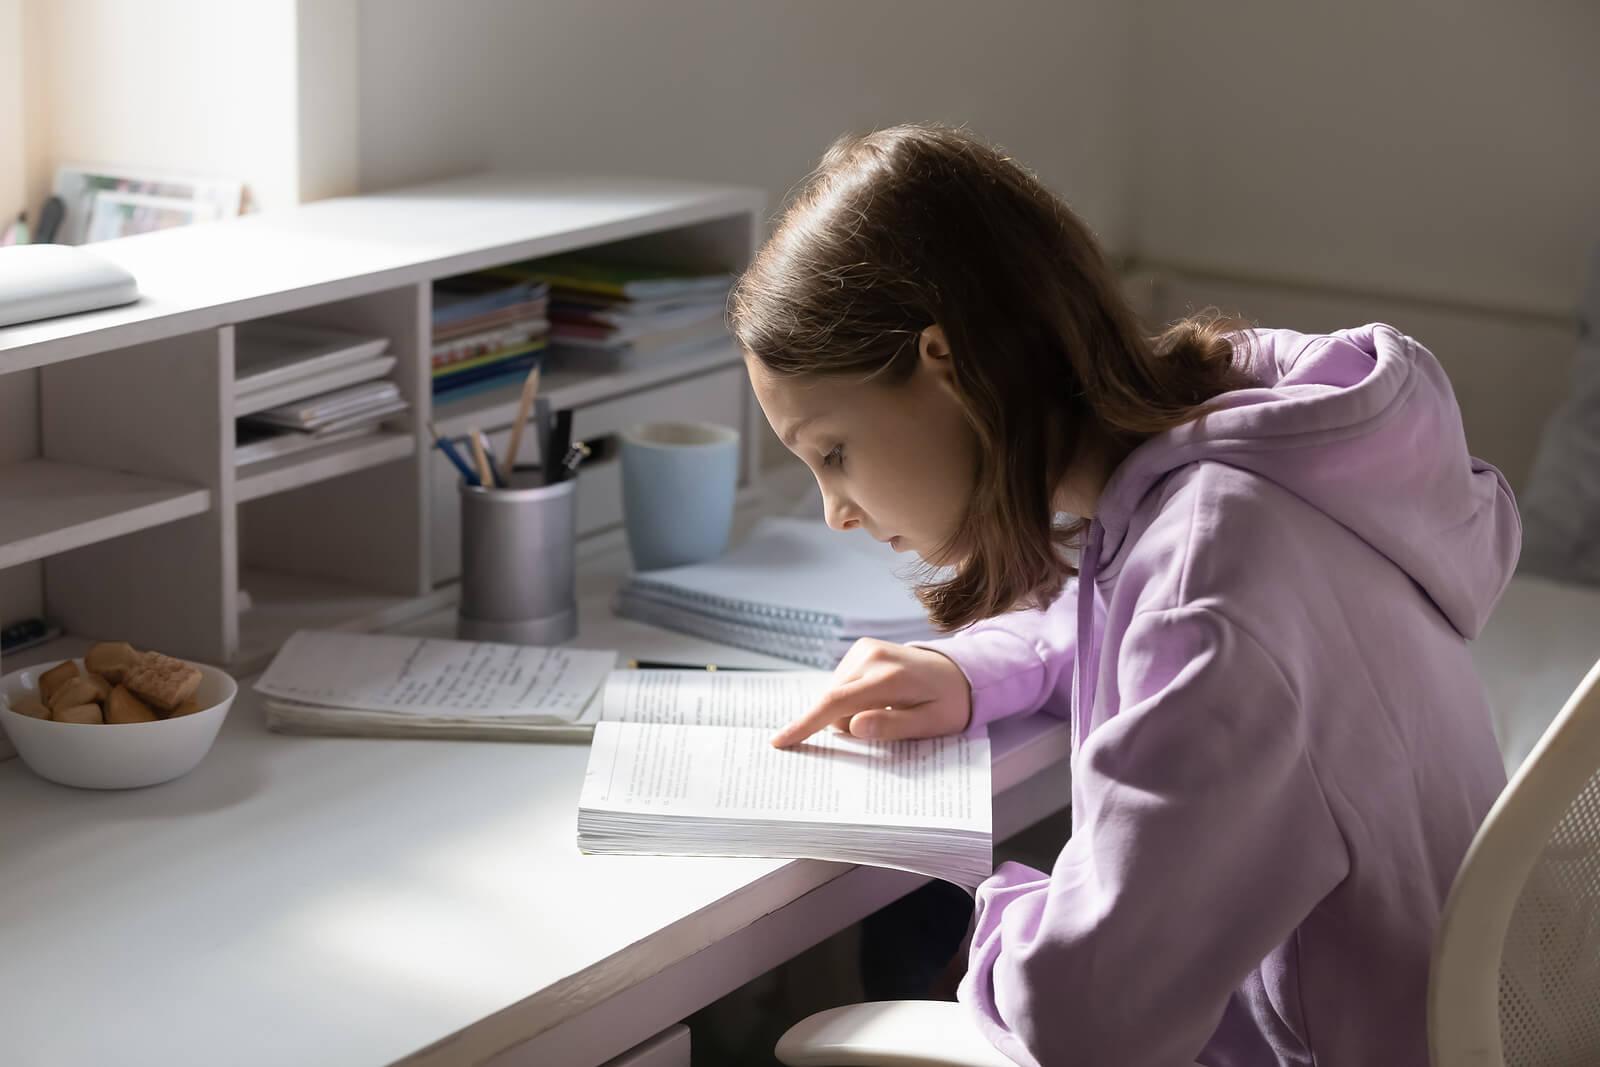 Chica adolescente en su cuarto estudiando aplicando una de las técnicas de autorregulación del aprendizaje.